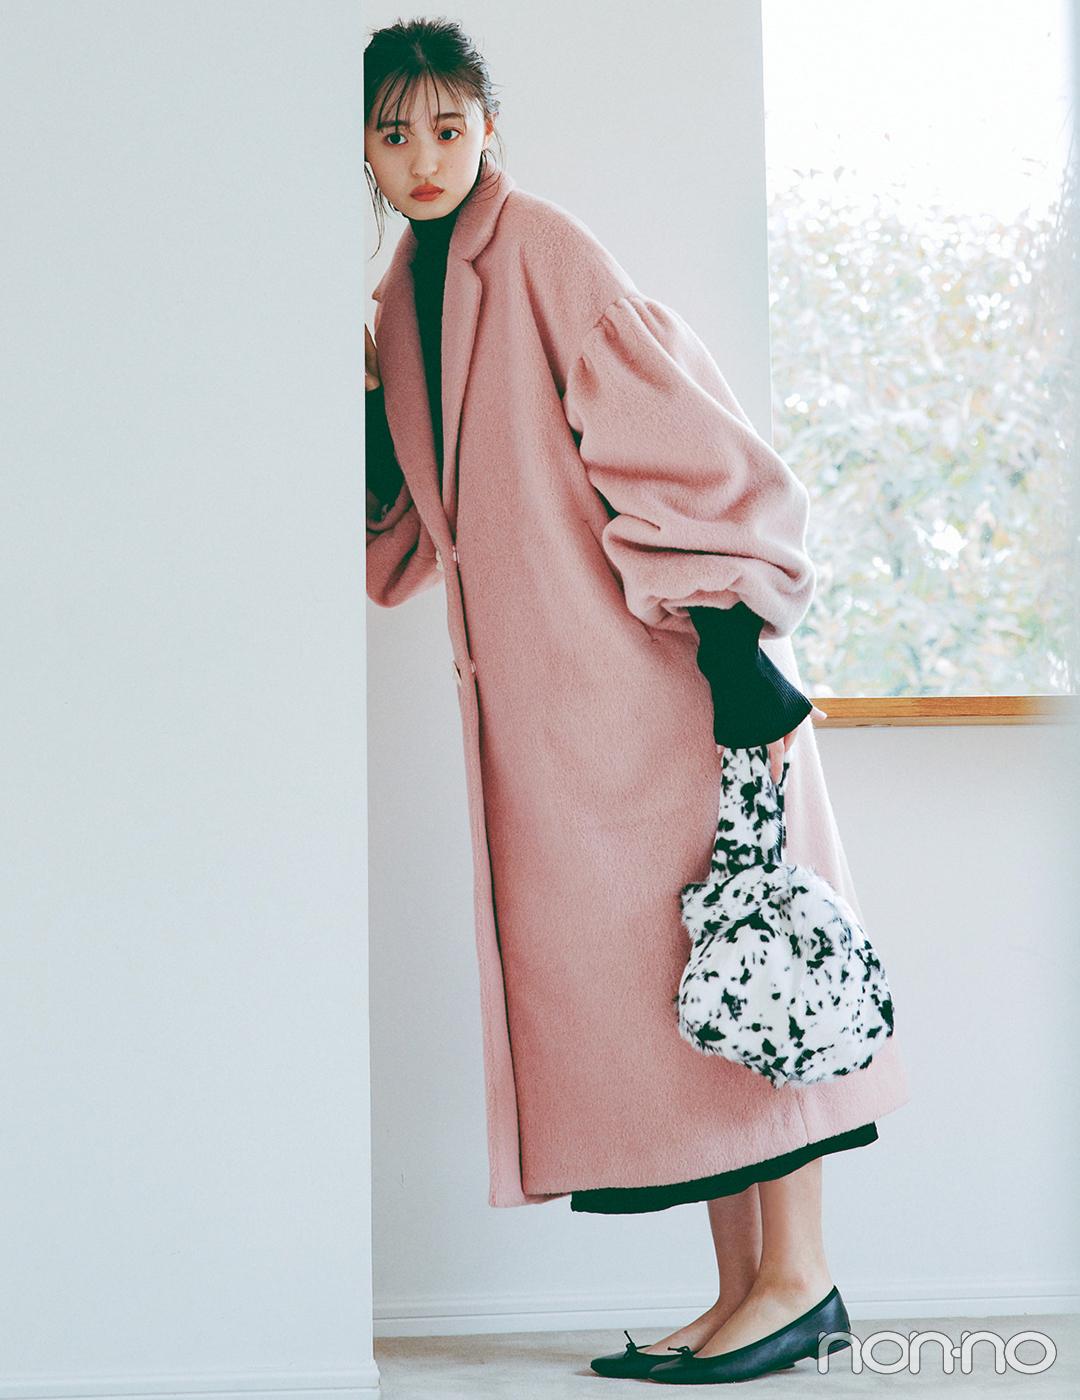 甘さ強めのピンクコートは黒を合わせて大人な印象にシフト!【毎日コーデ】